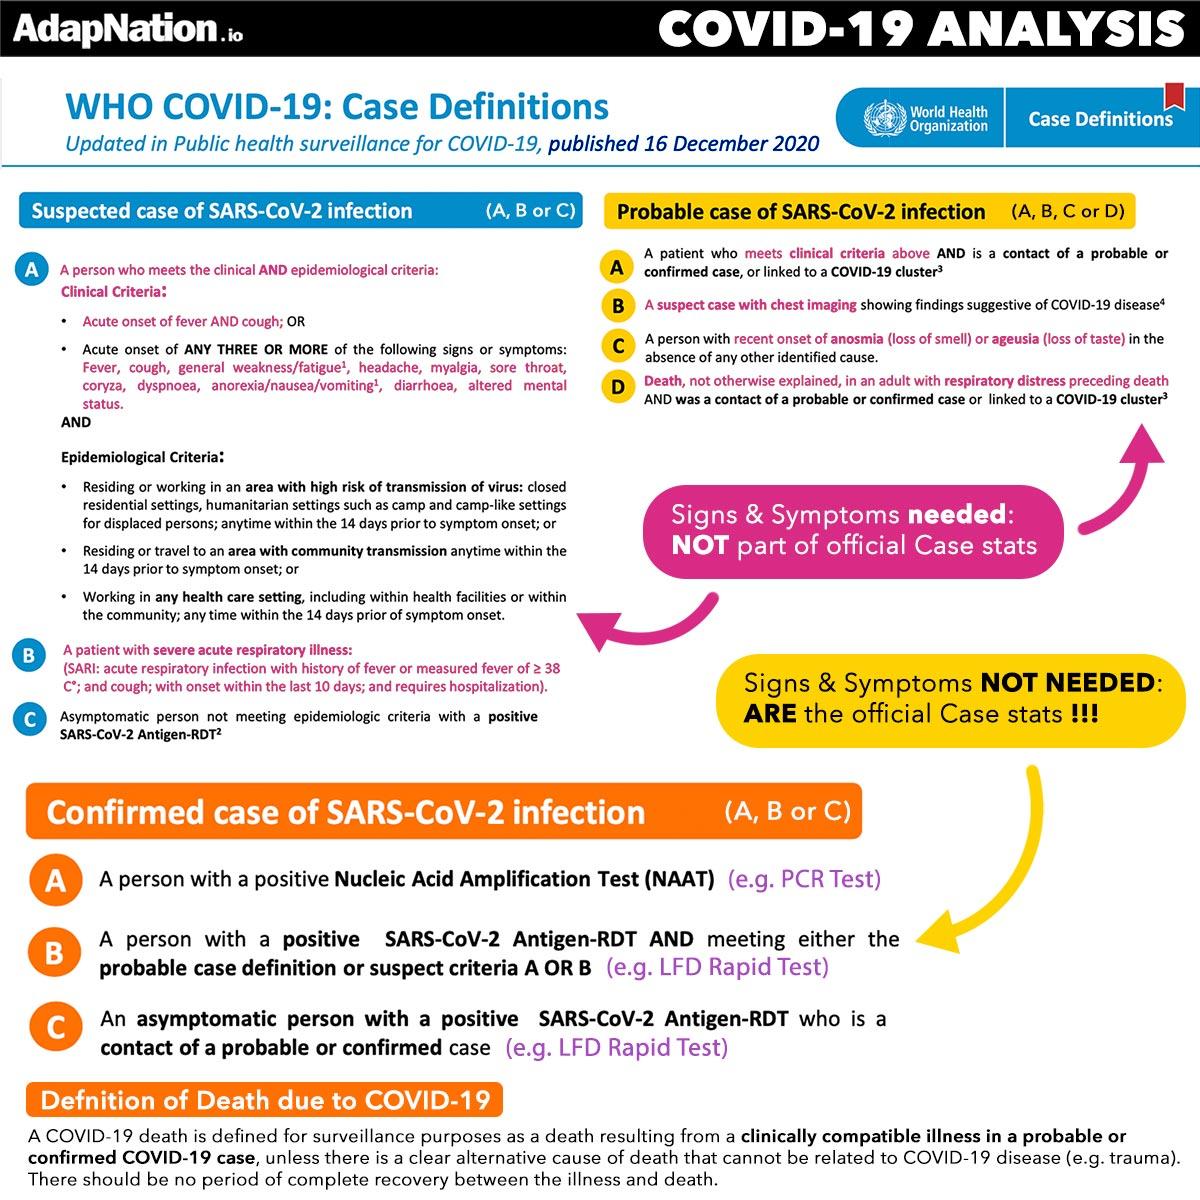 COVID-19 Case Definition